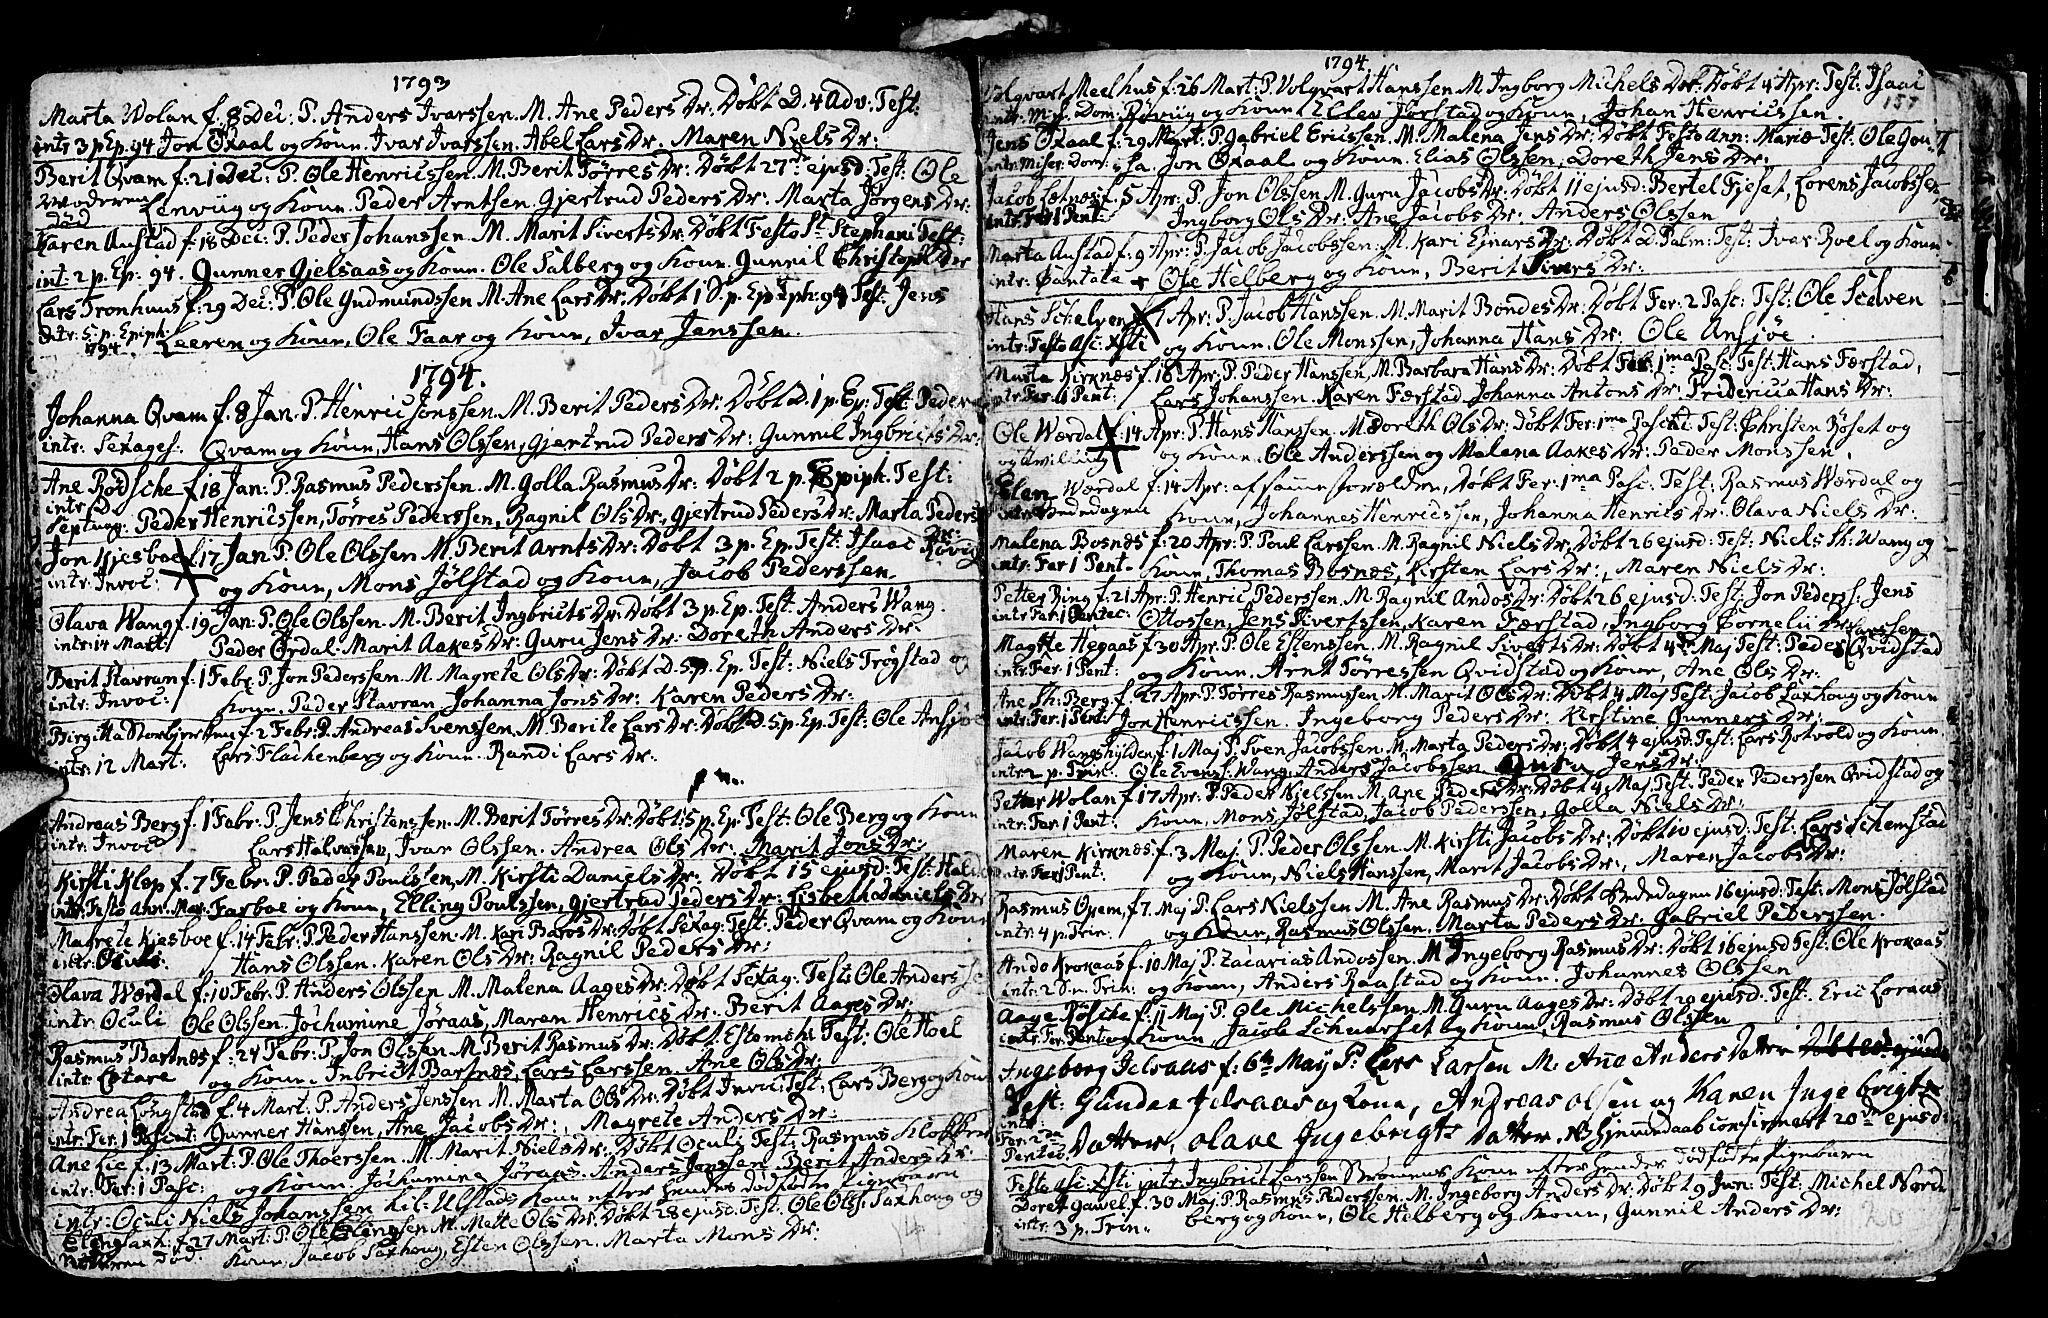 SAT, Ministerialprotokoller, klokkerbøker og fødselsregistre - Nord-Trøndelag, 730/L0273: Ministerialbok nr. 730A02, 1762-1802, s. 157